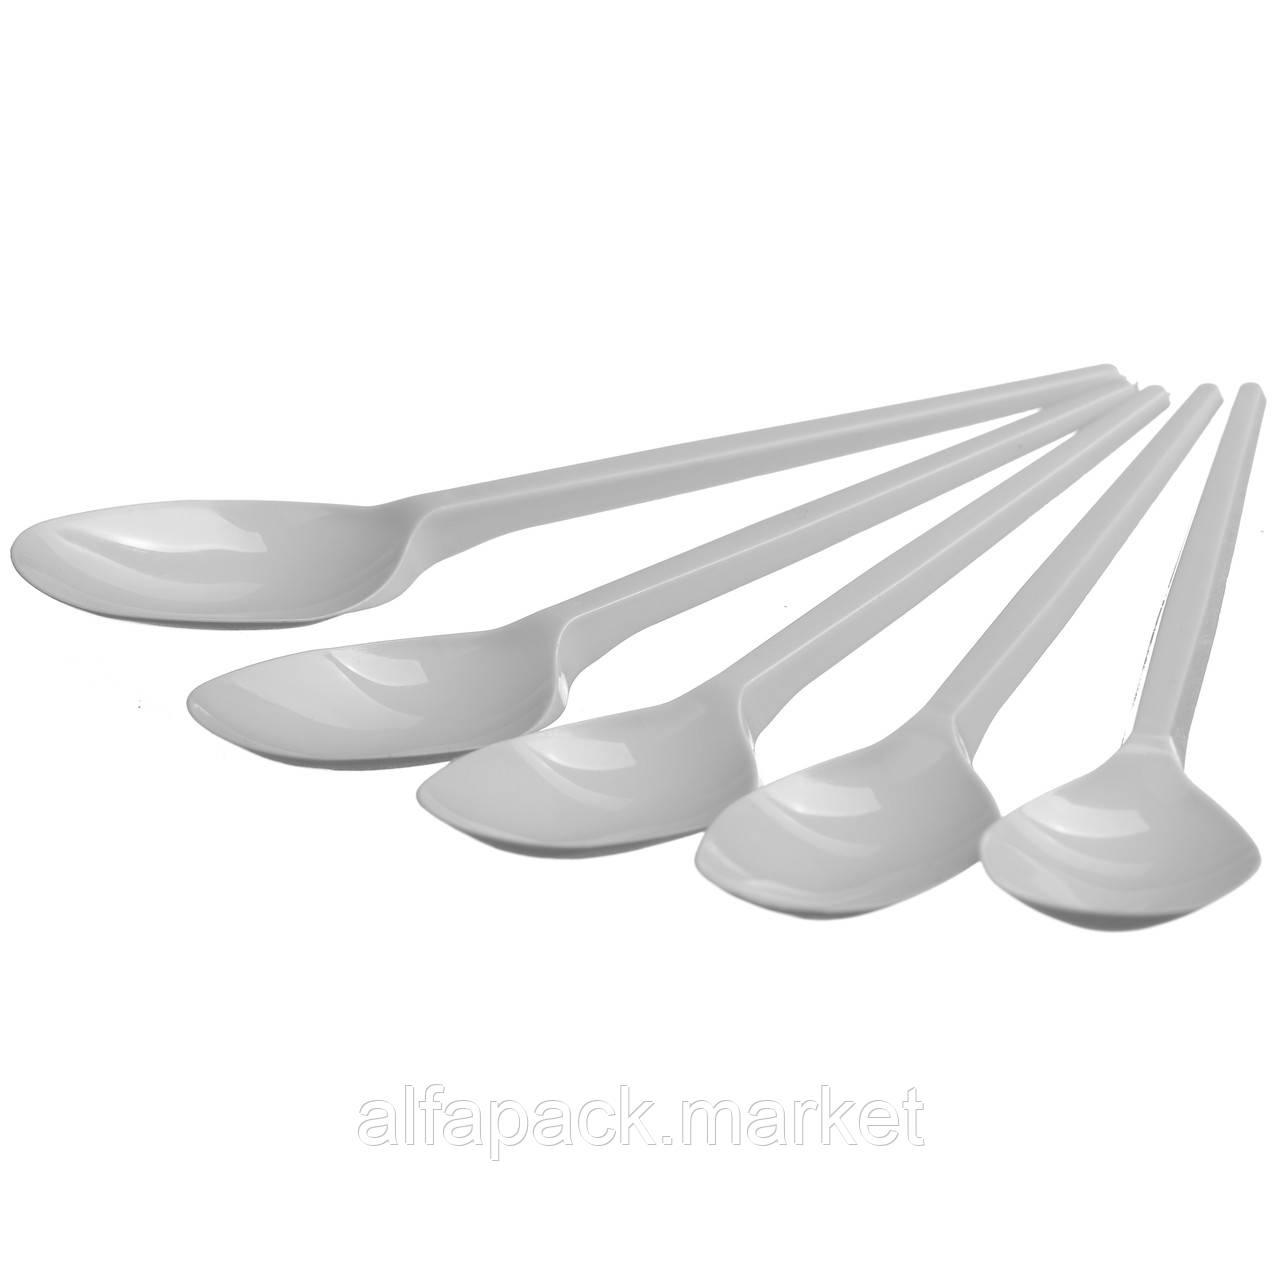 Набір одноразового посуду Food Packing Ложка одноразова біла 5 персон 000003324